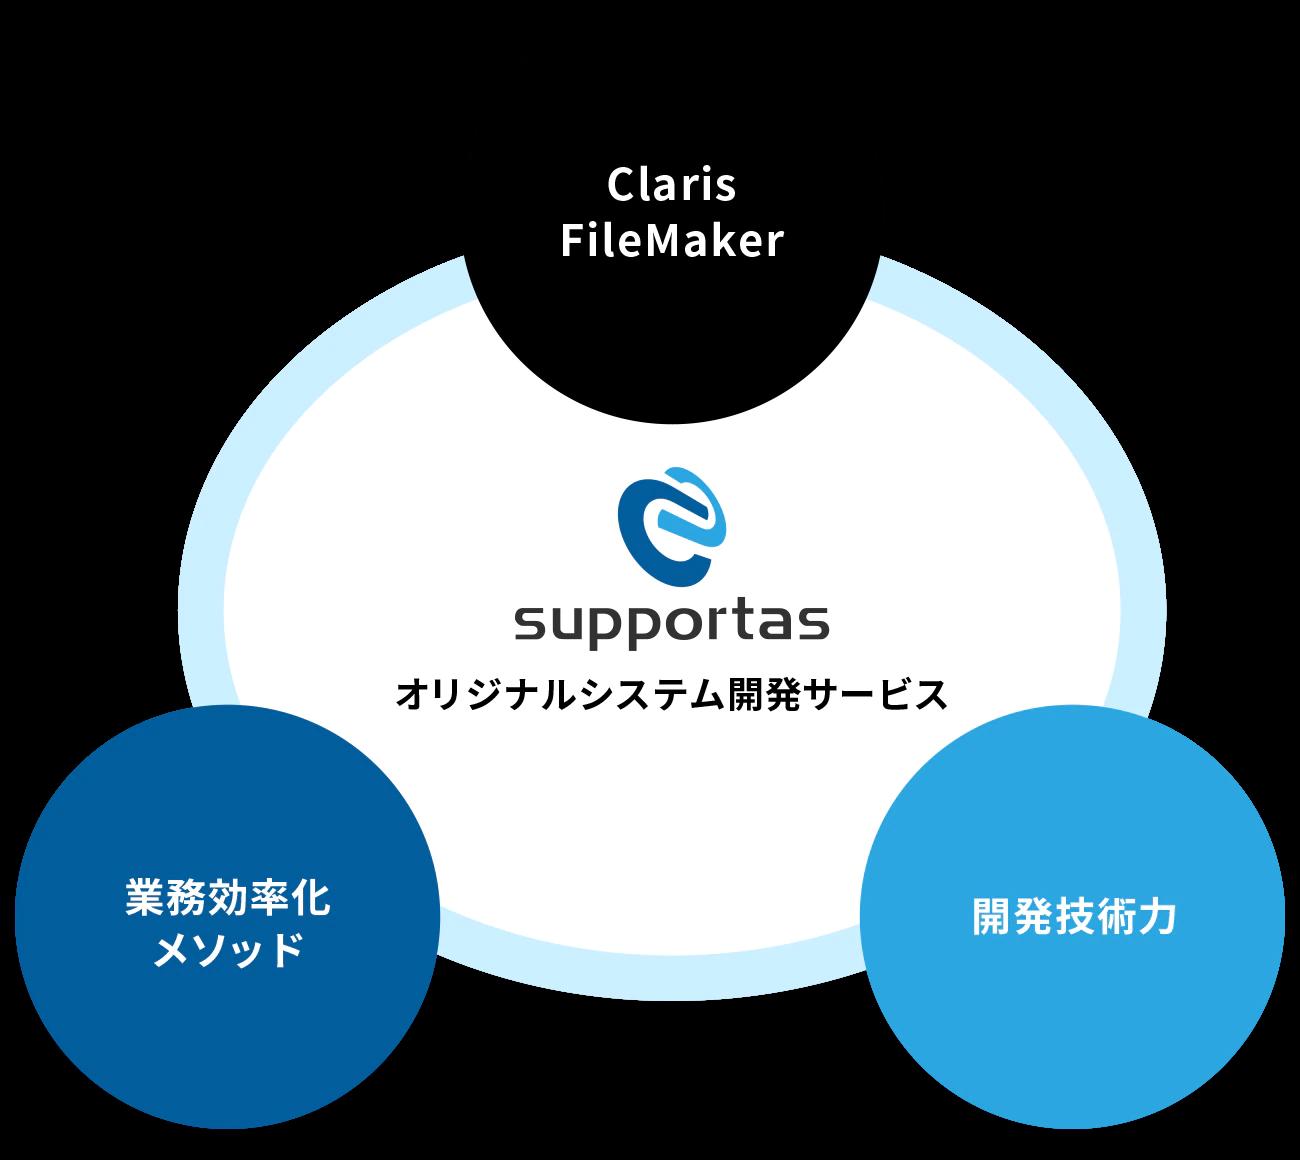 オリジナルシステム開発サービス:Claris FileMaker、開発技術力、業務効率化メソッドの三本柱